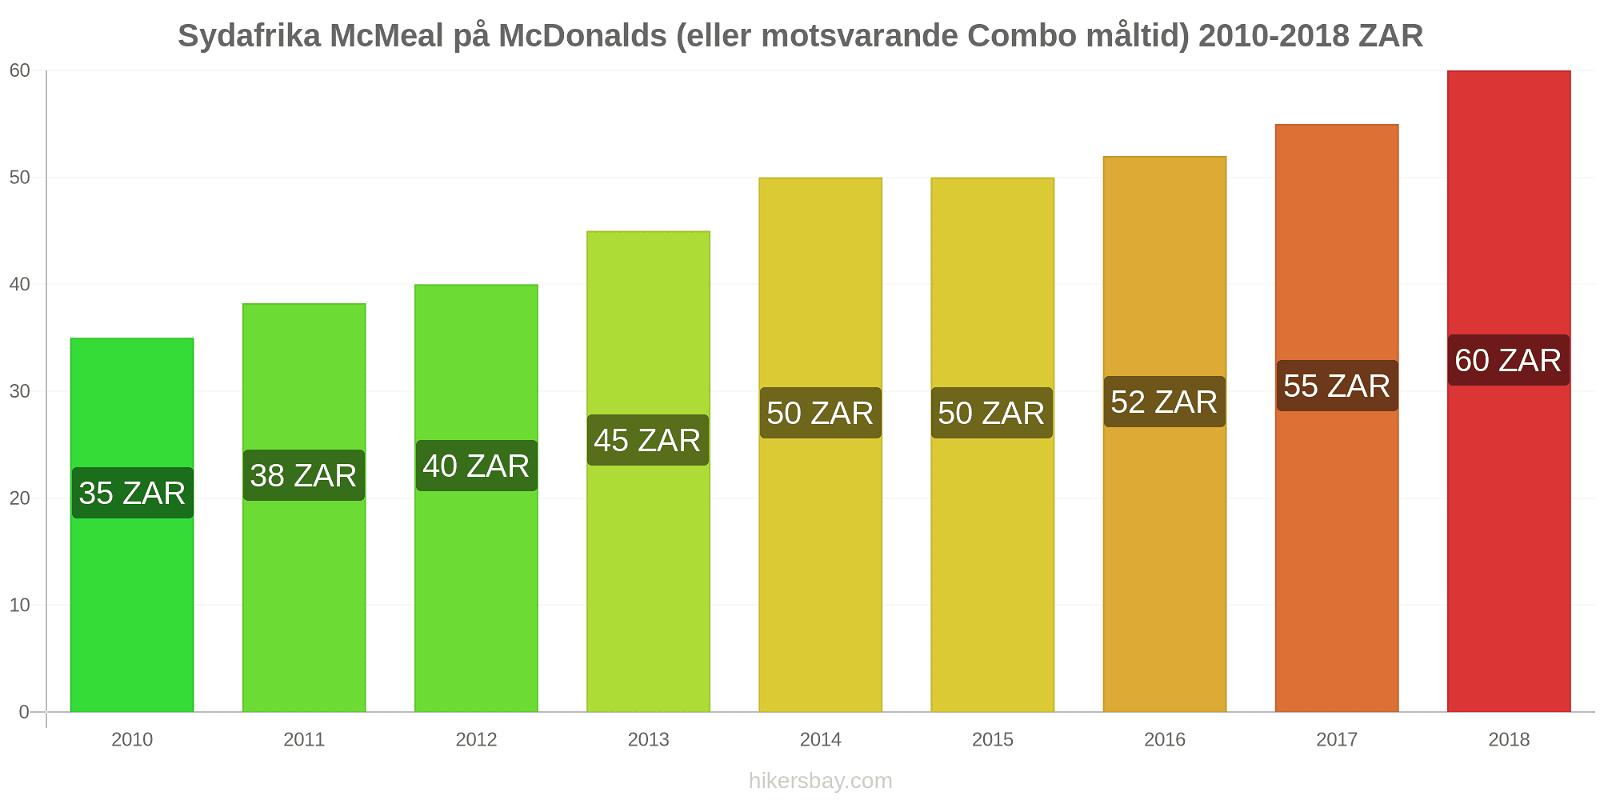 Sydafrika prisförändringar McMeal på McDonalds (eller motsvarande Combo måltid) hikersbay.com